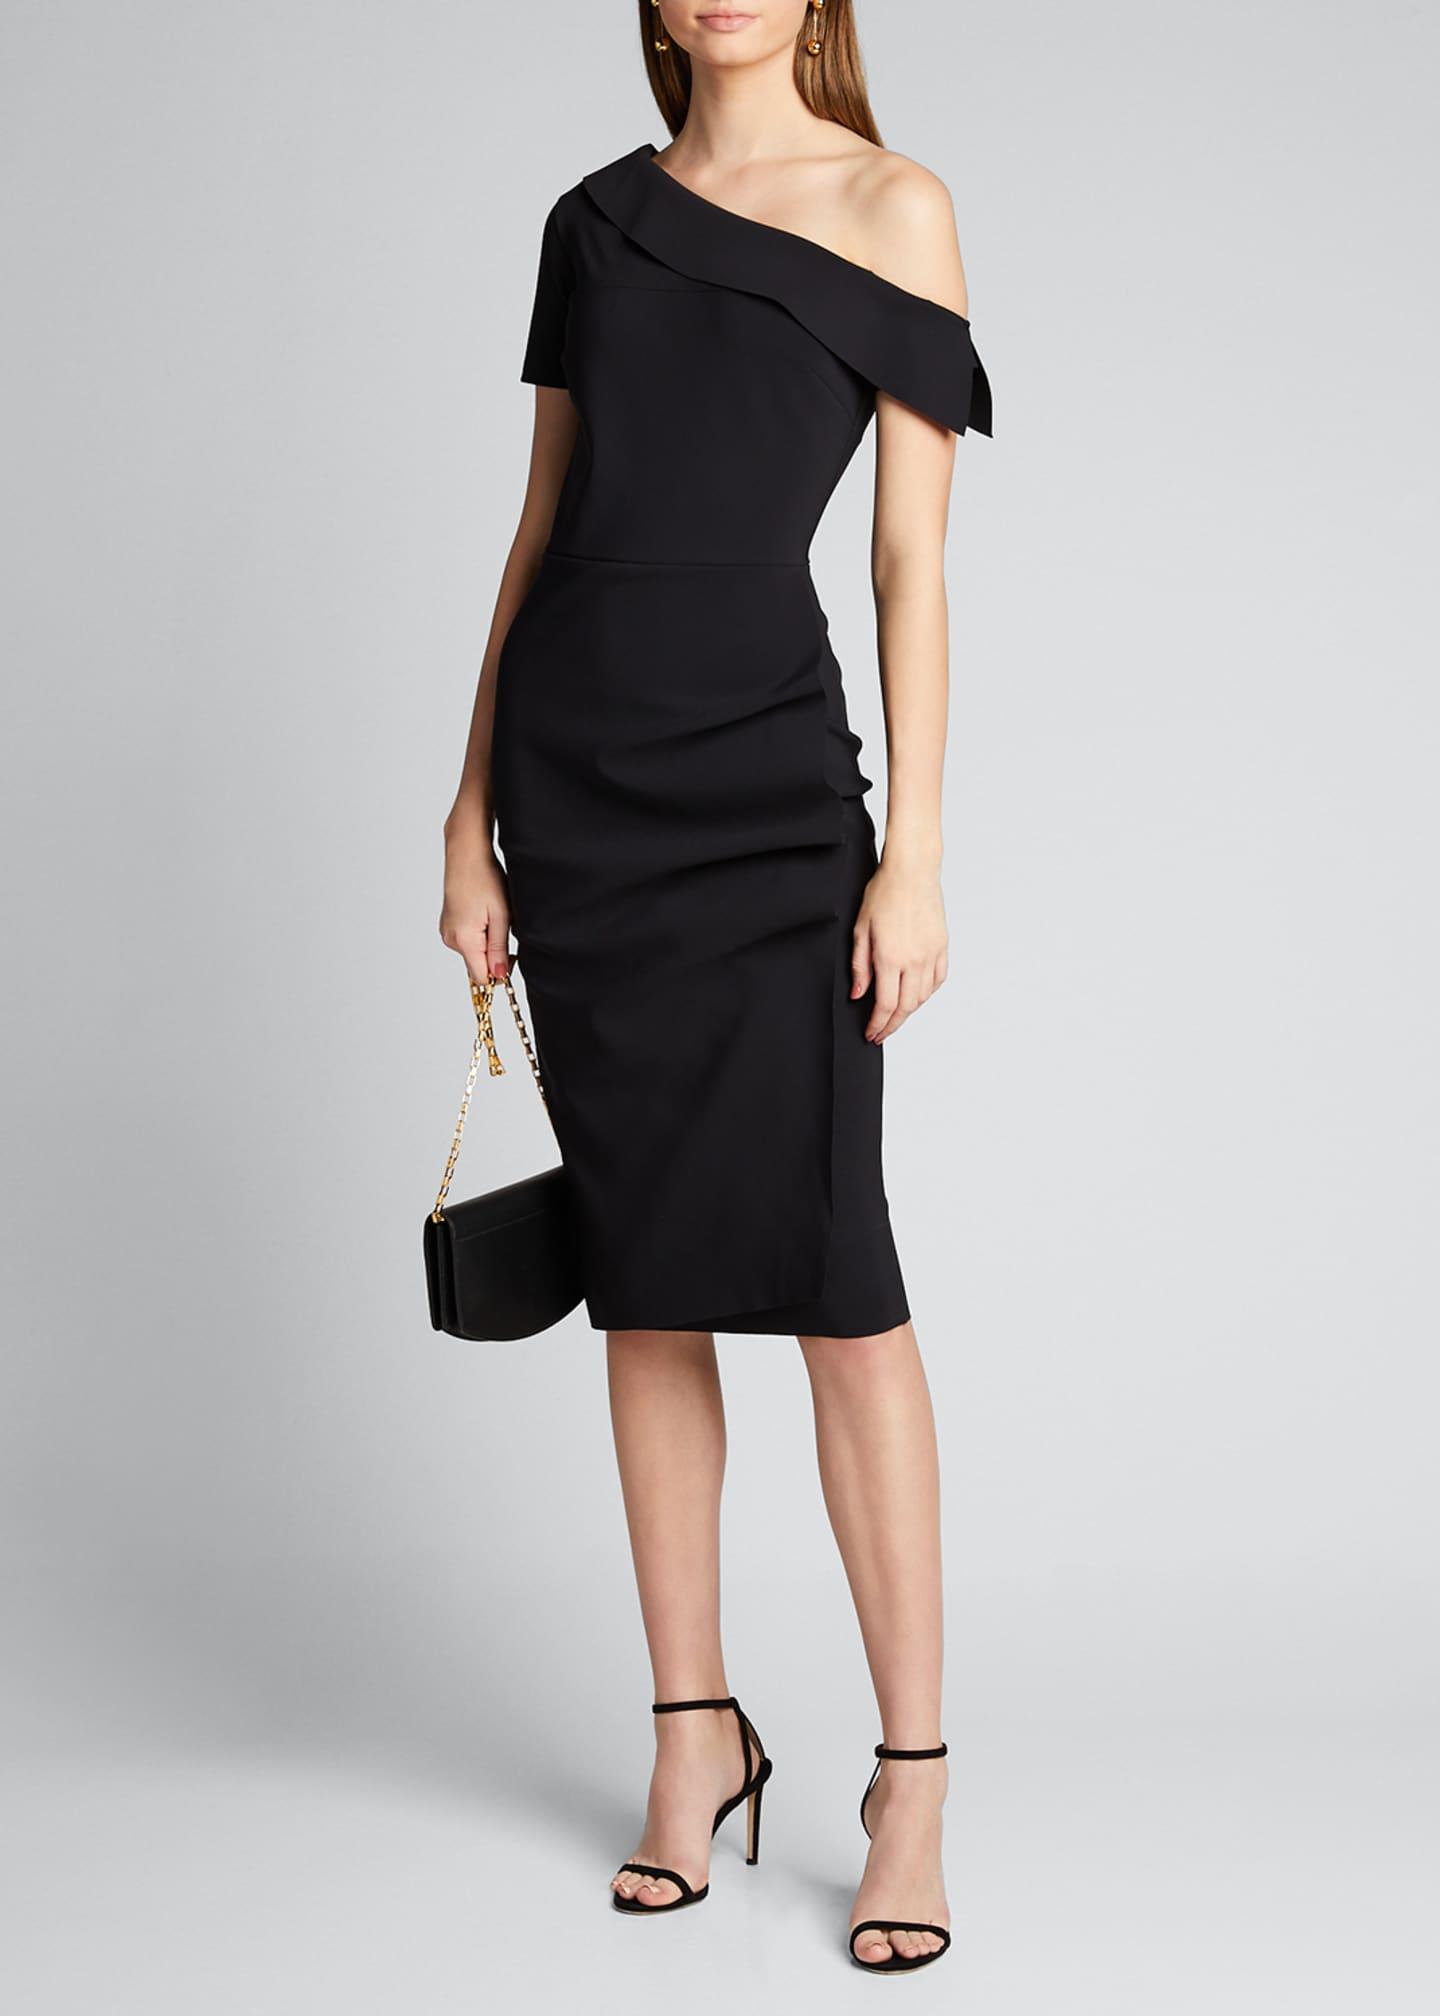 Chiara Boni La Petite Robe Asymmetric Shoulder Ruffle